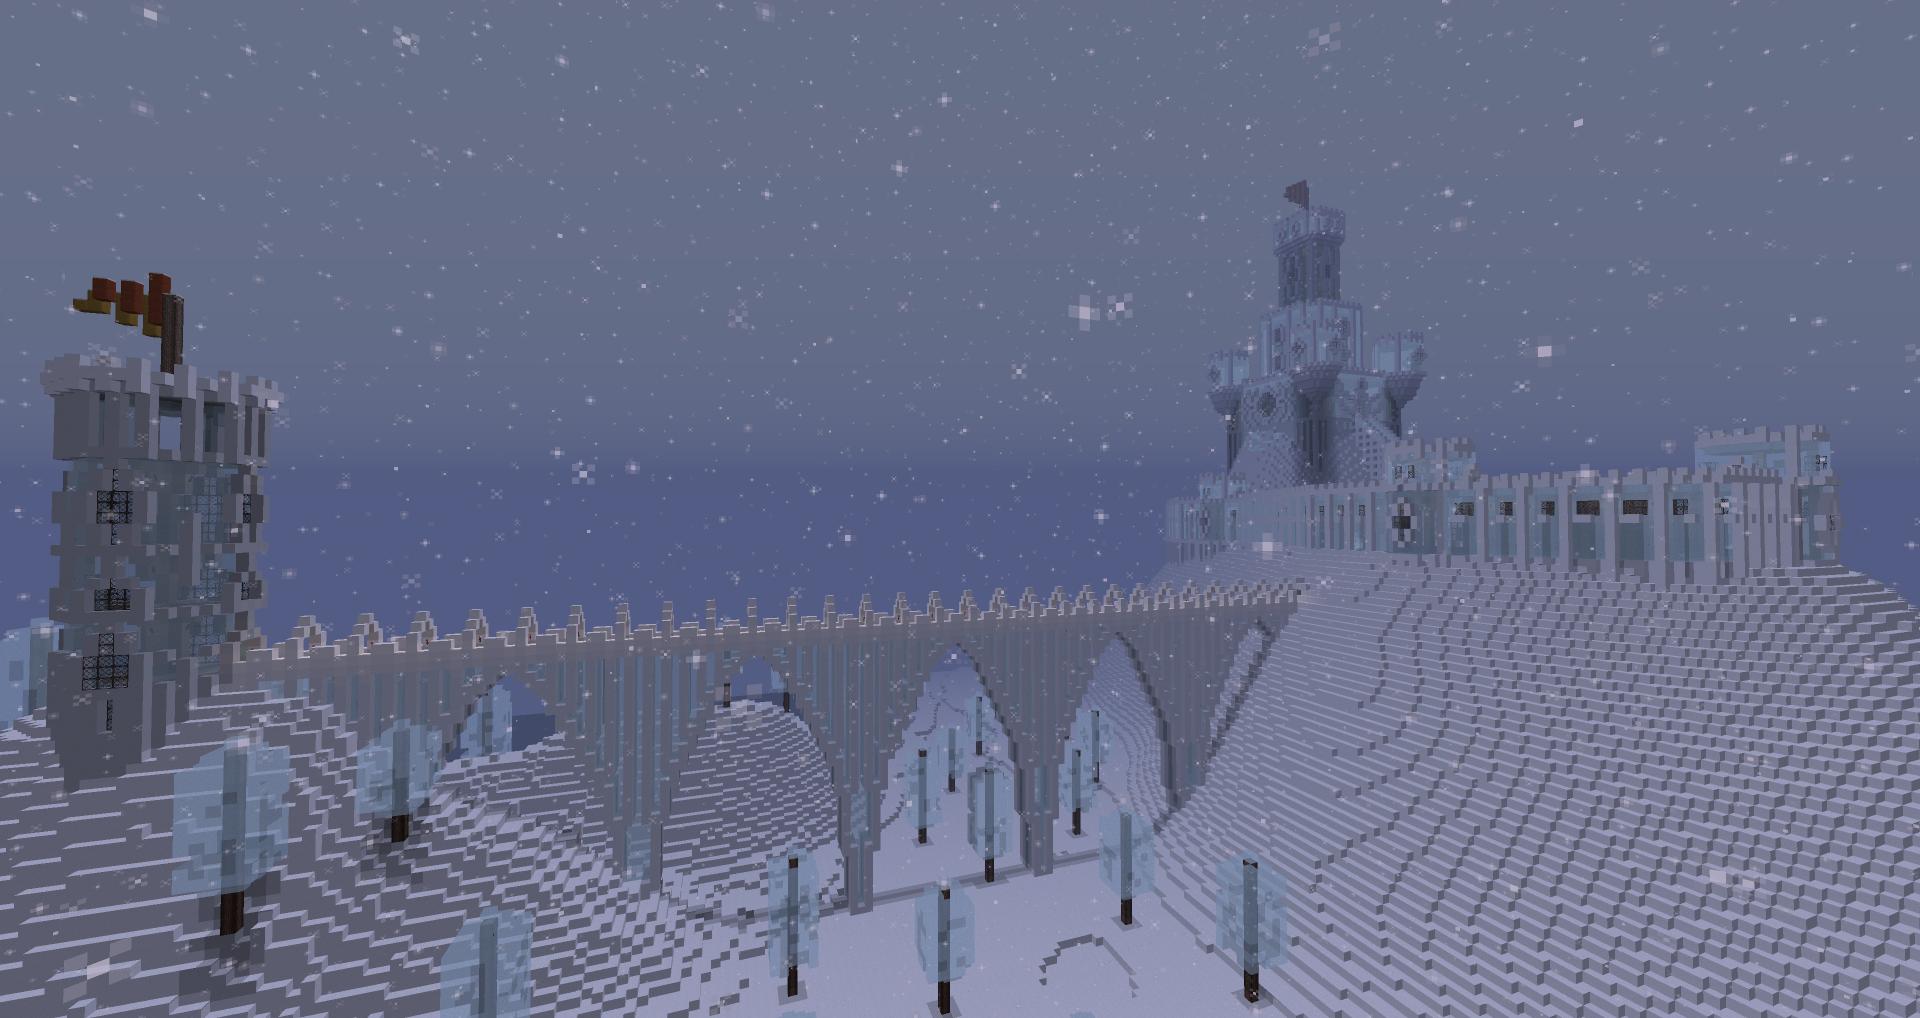 Chateau de glace forum - Chateau de minecraft ...